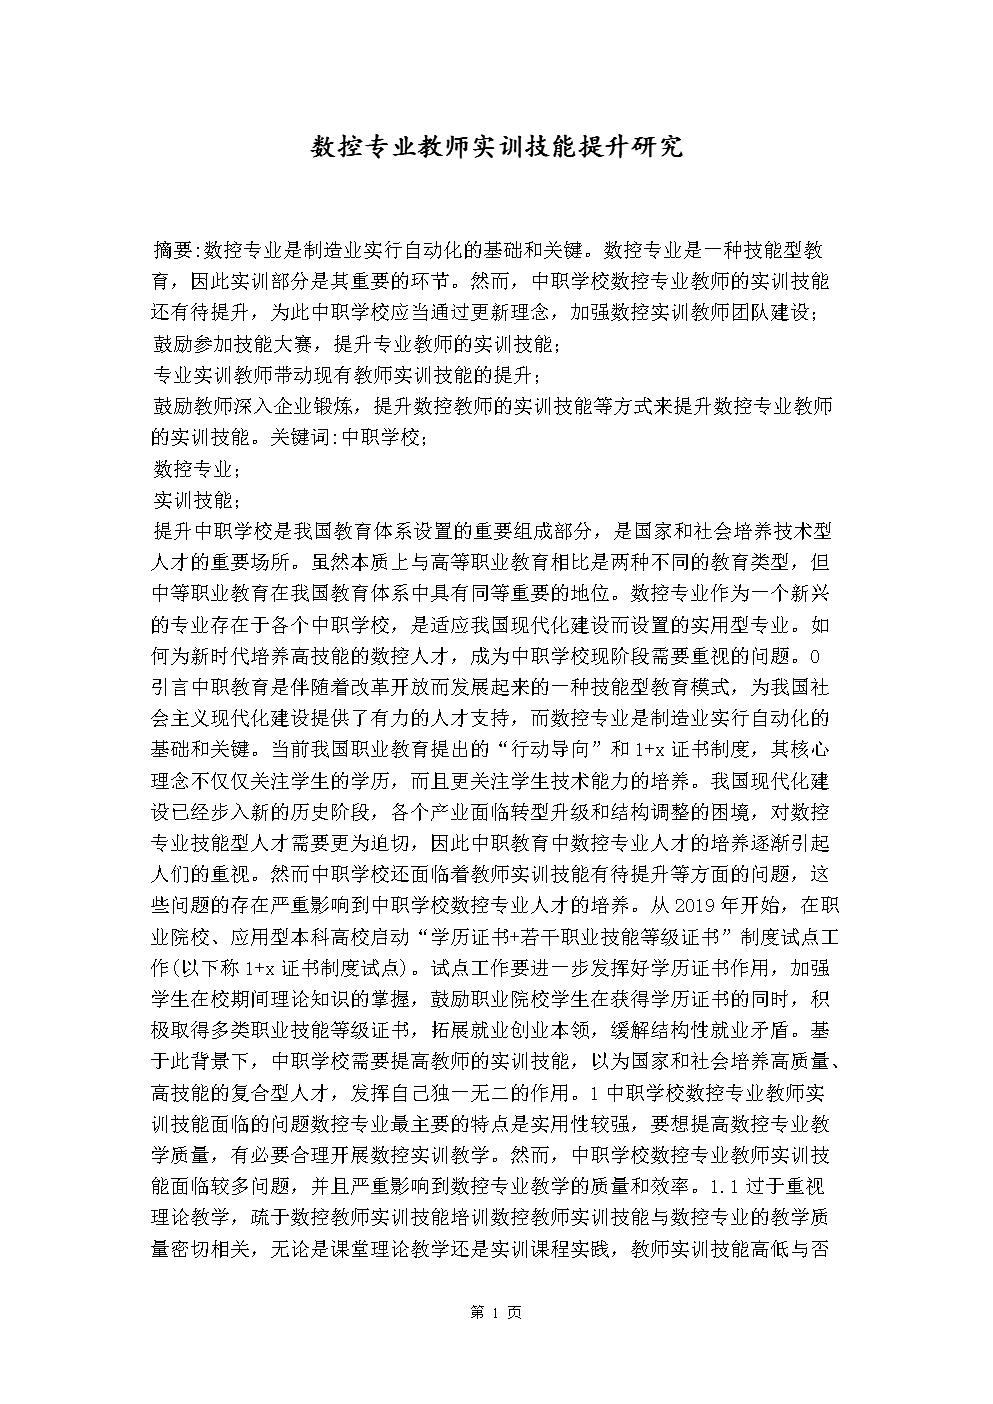 数控专业教师实训技能提升研究.doc